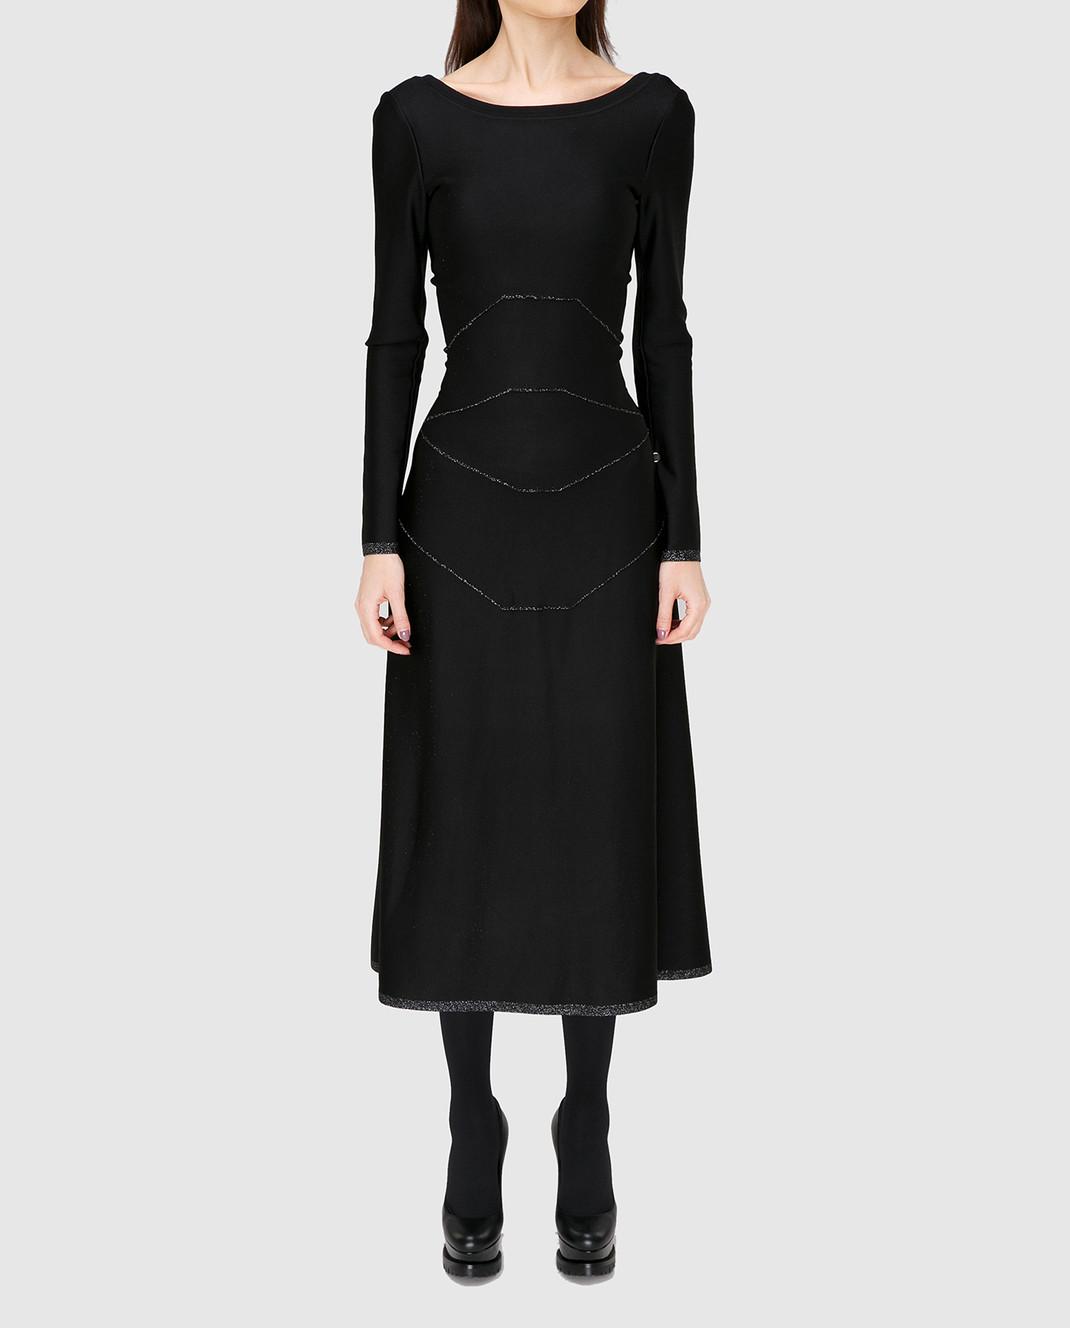 Azzedine Alaia Черное платье с V-образным вырезом на спине 6H9RG99LM288 изображение 3